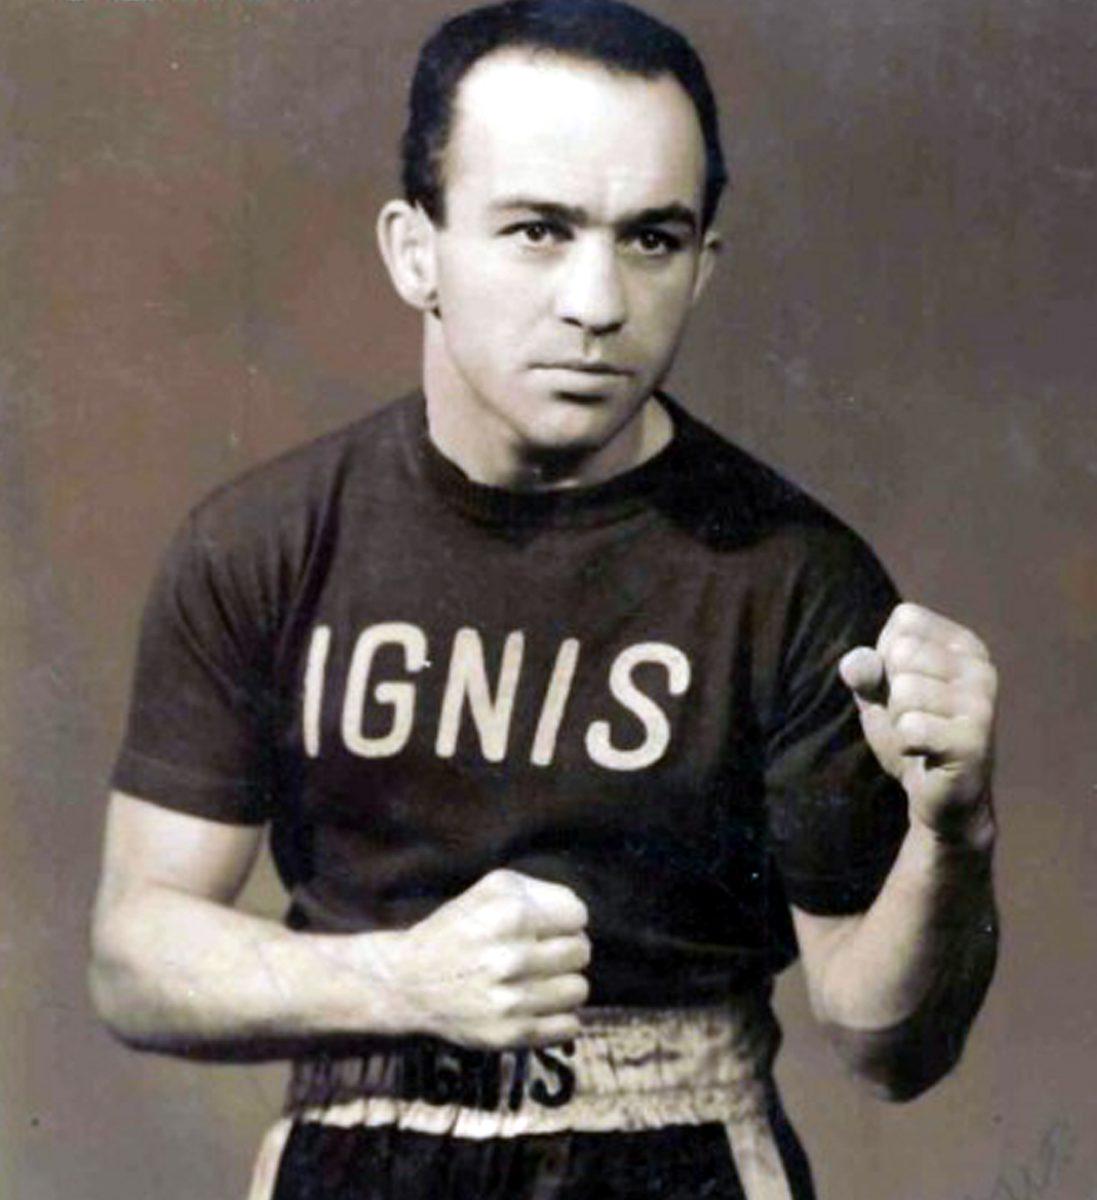 Storia del pugilato italiano: Mario D'Agata